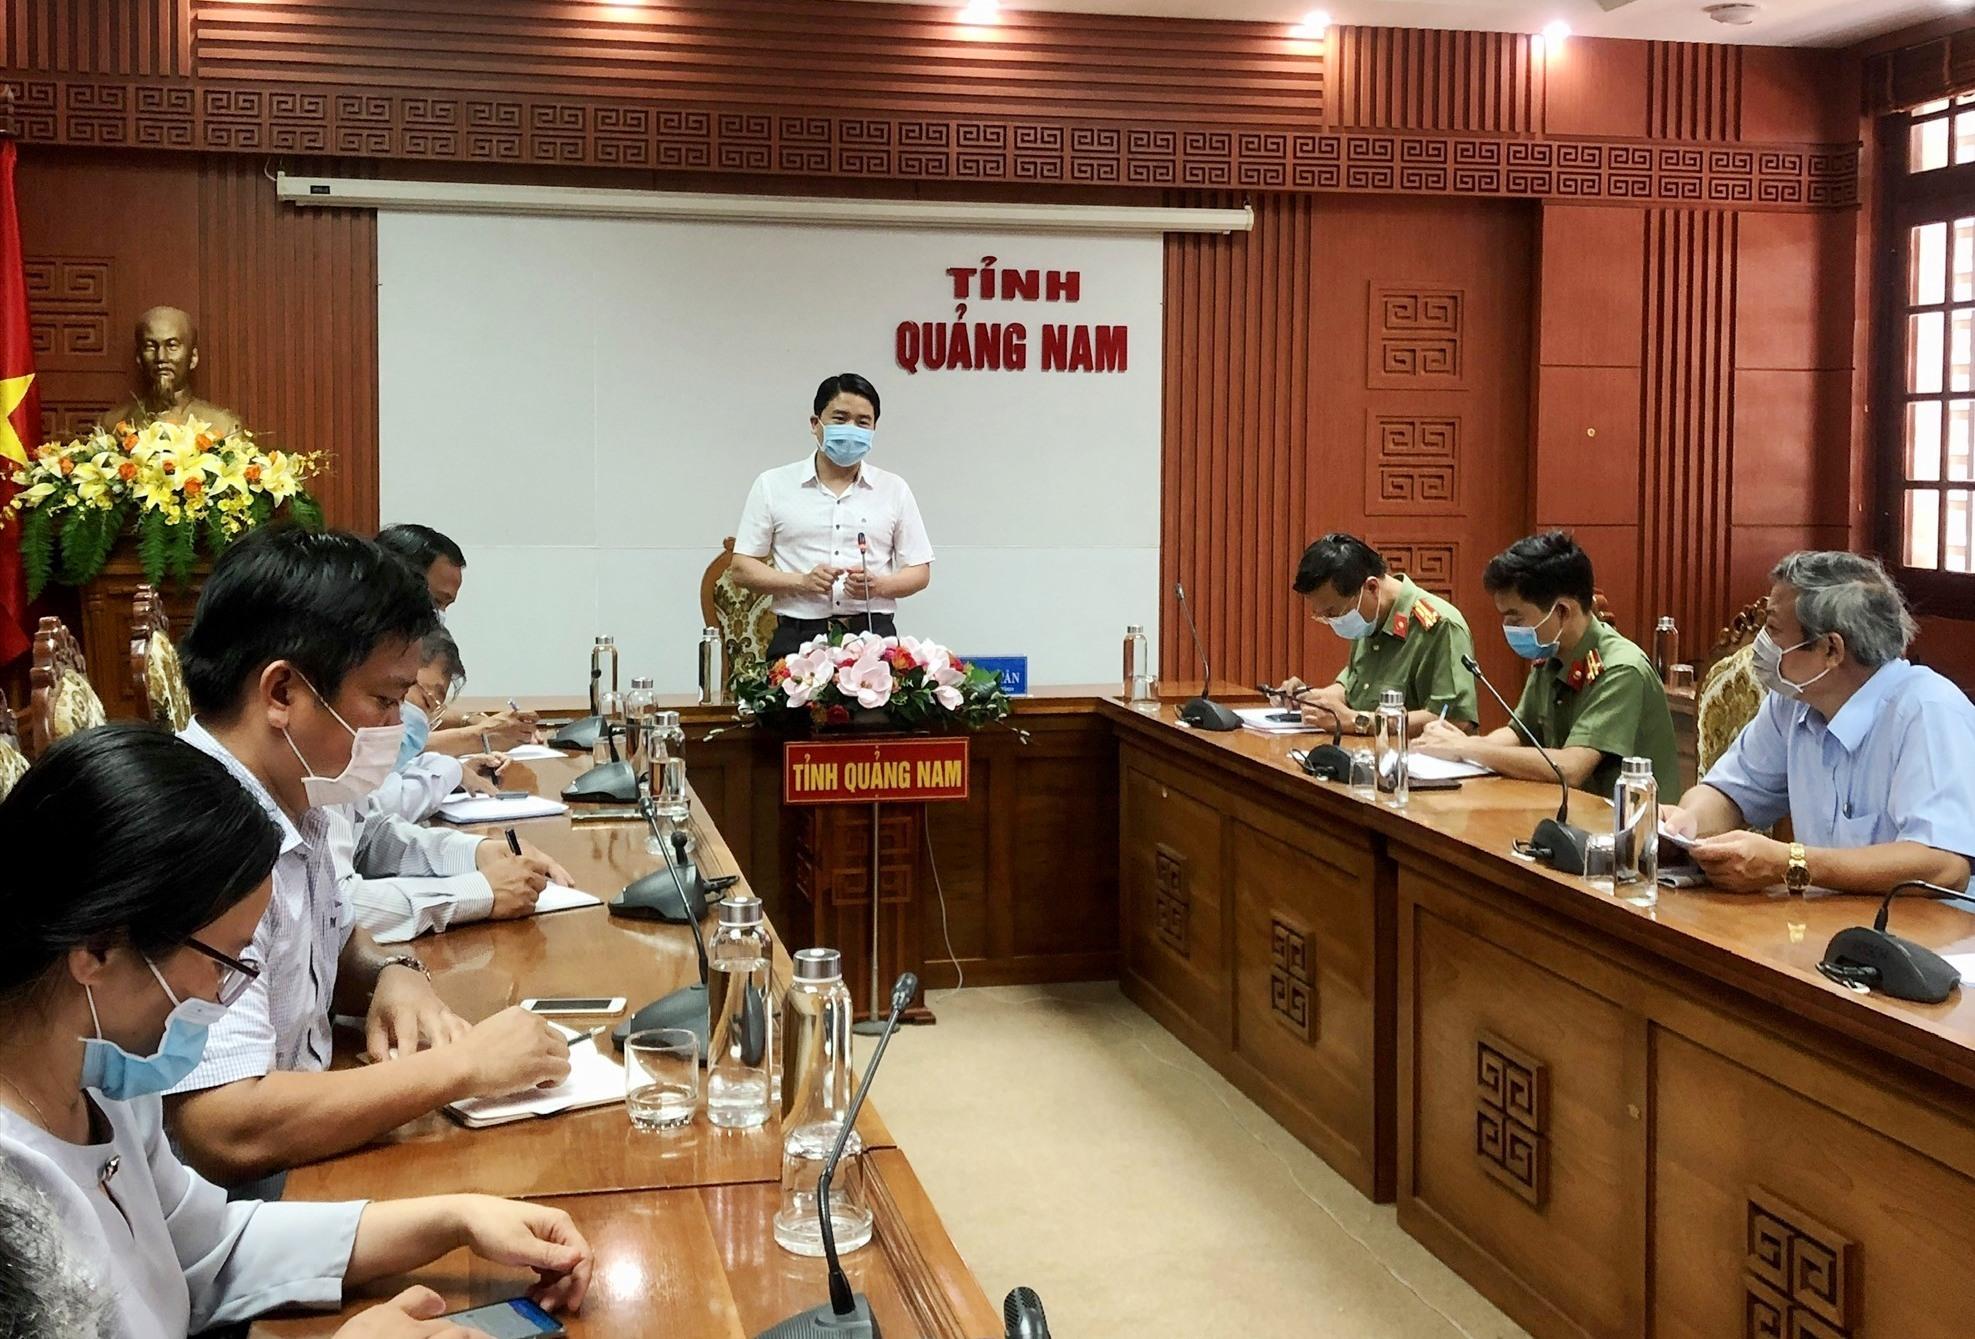 Phó Chủ tịch UBND tỉnh Trần Văn Tân chủ trì buổi làm việc. Ảnh: X.H